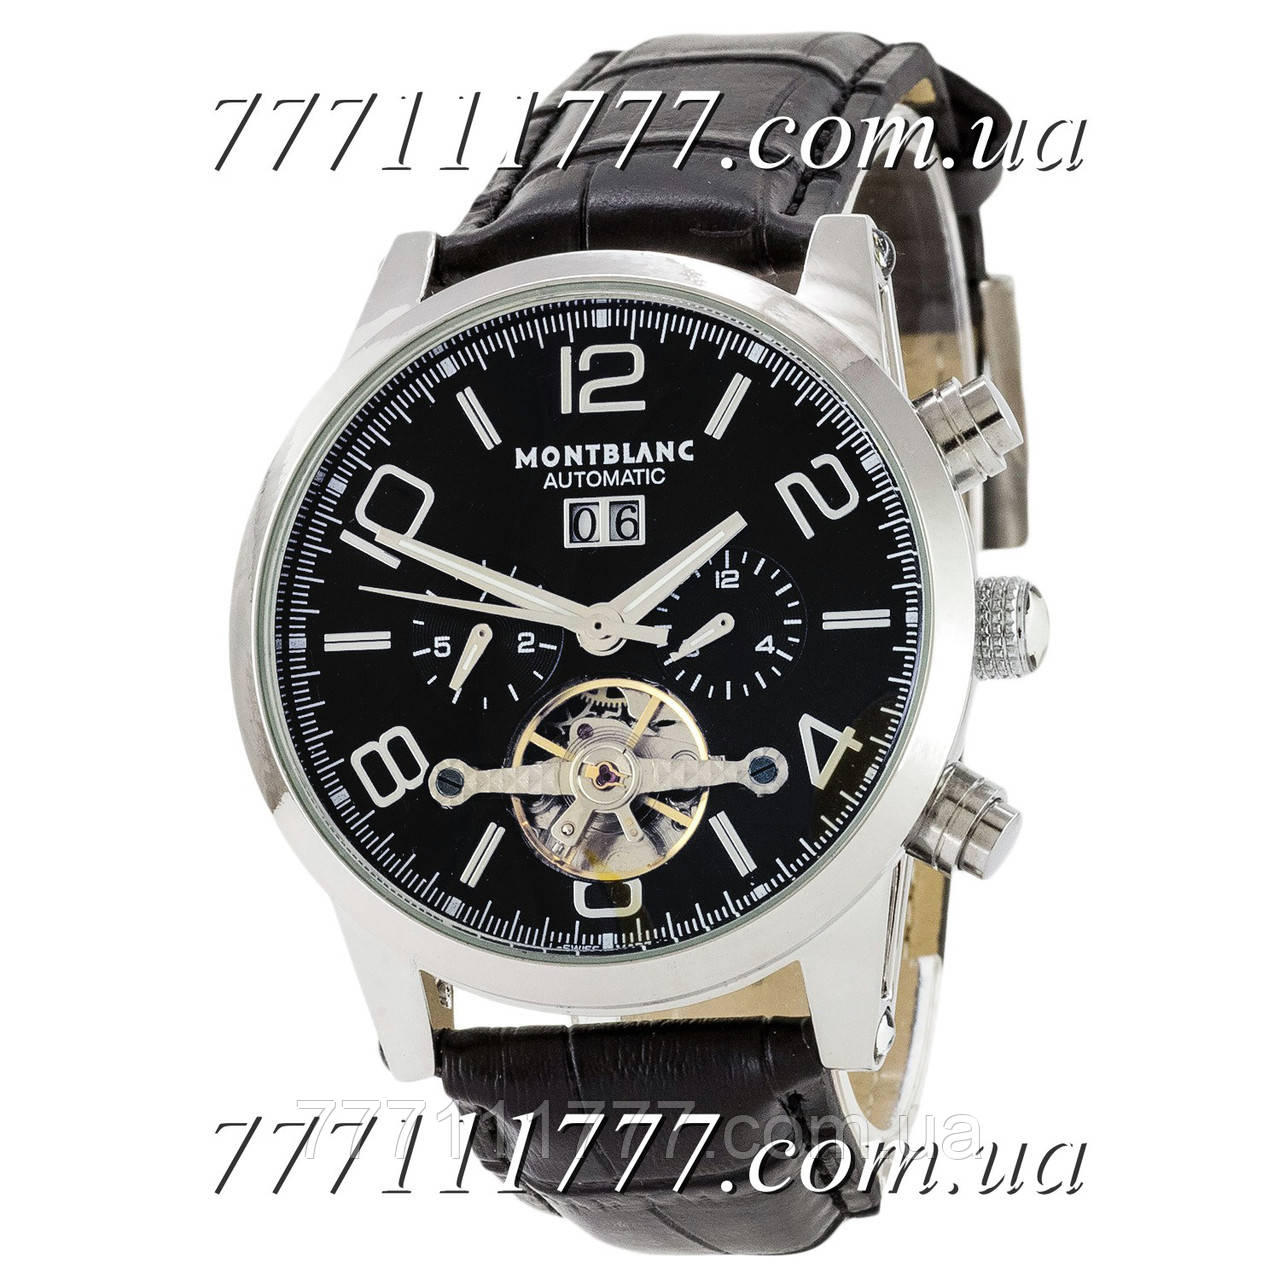 Часы наручные мужские монблан наручные часы женские в калуге